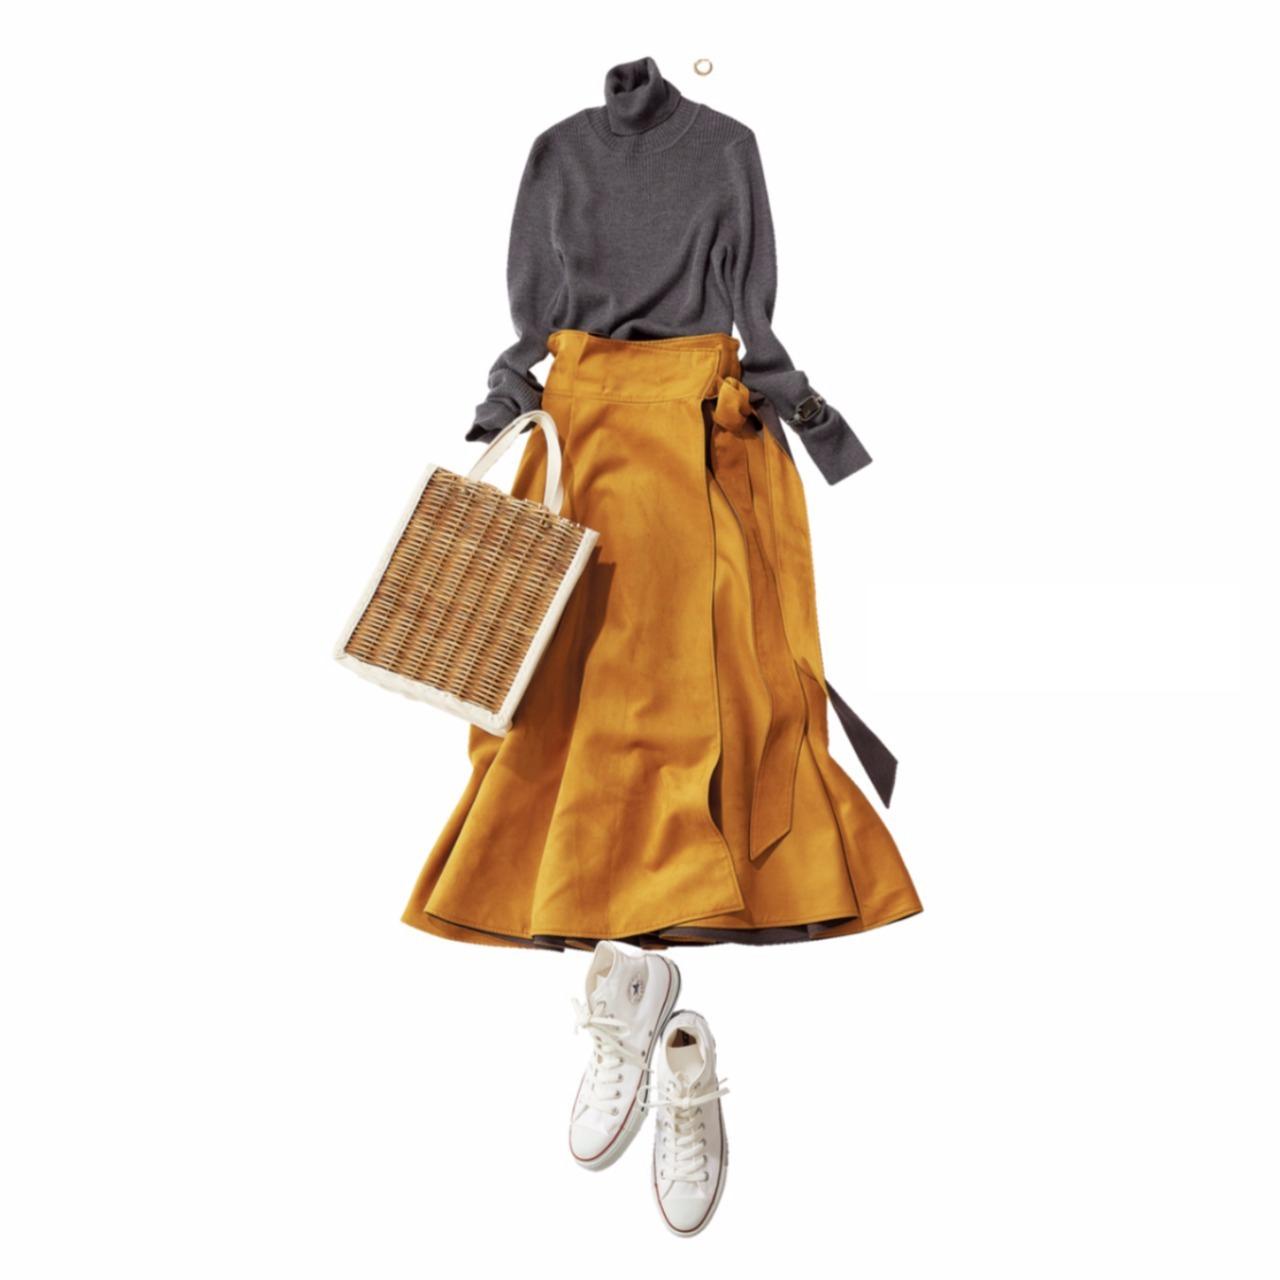 白コンバースのハイカットスニーカー×グレーニット&スカートのファッションコーデ